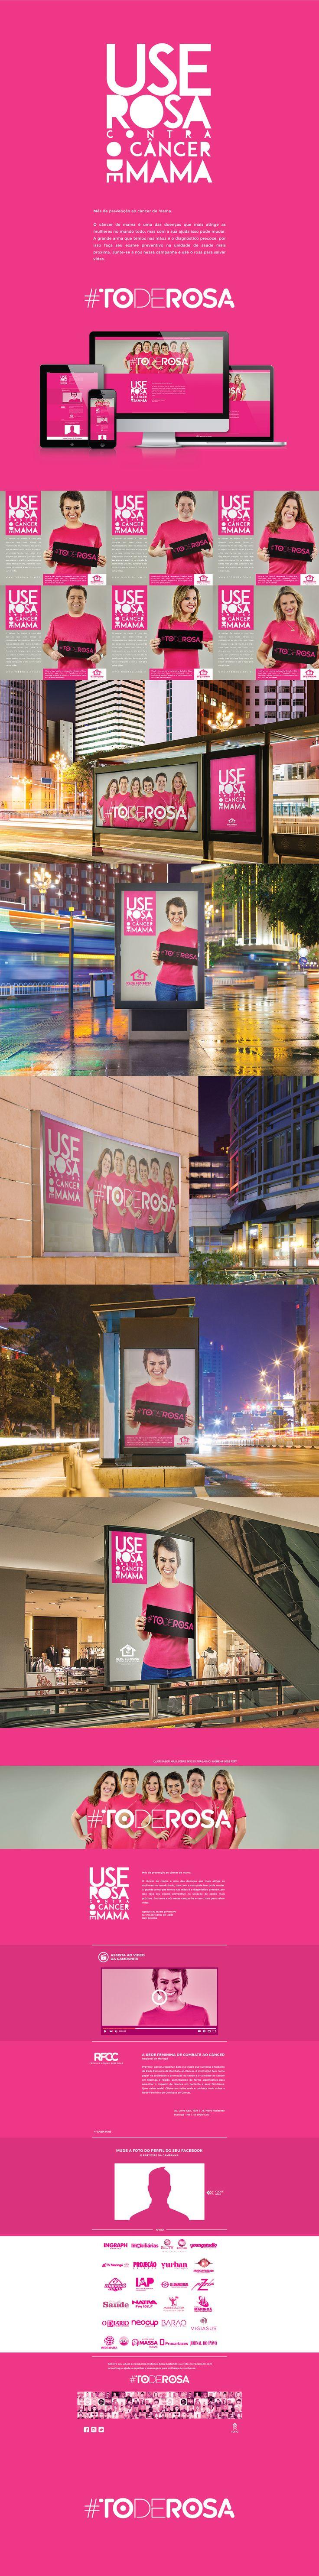 Campanha Outubro Rosa | Maringá